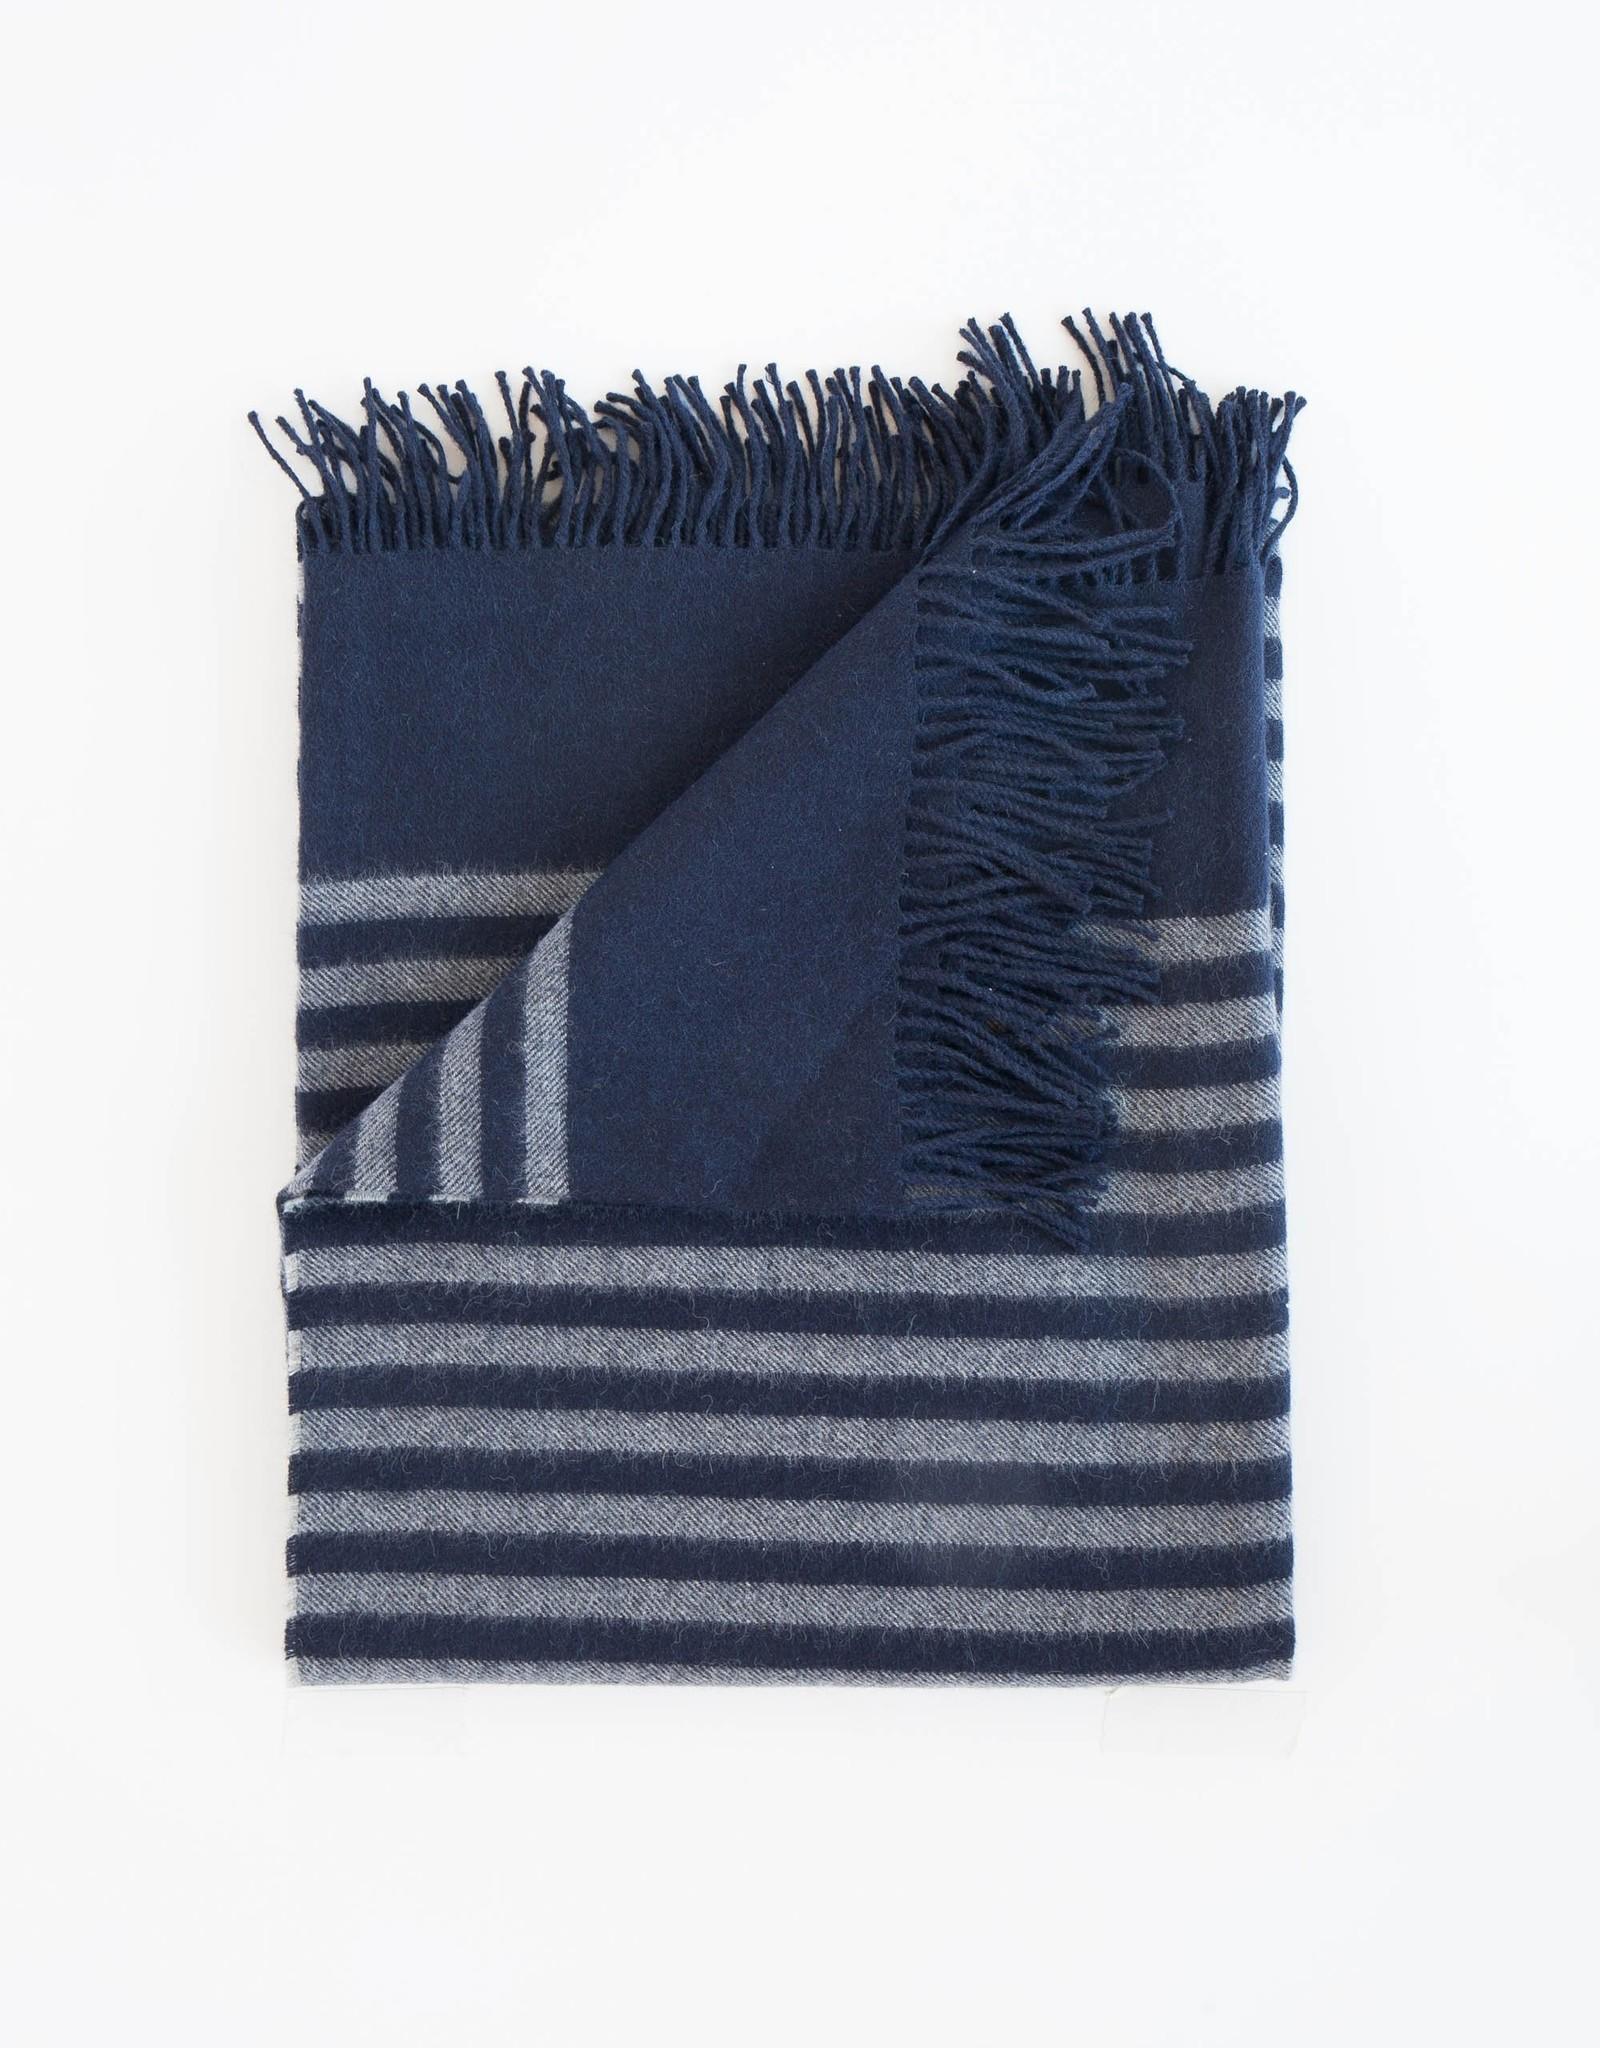 Evangeline Linens Alpaca Throw Stipe - Midnight Blue